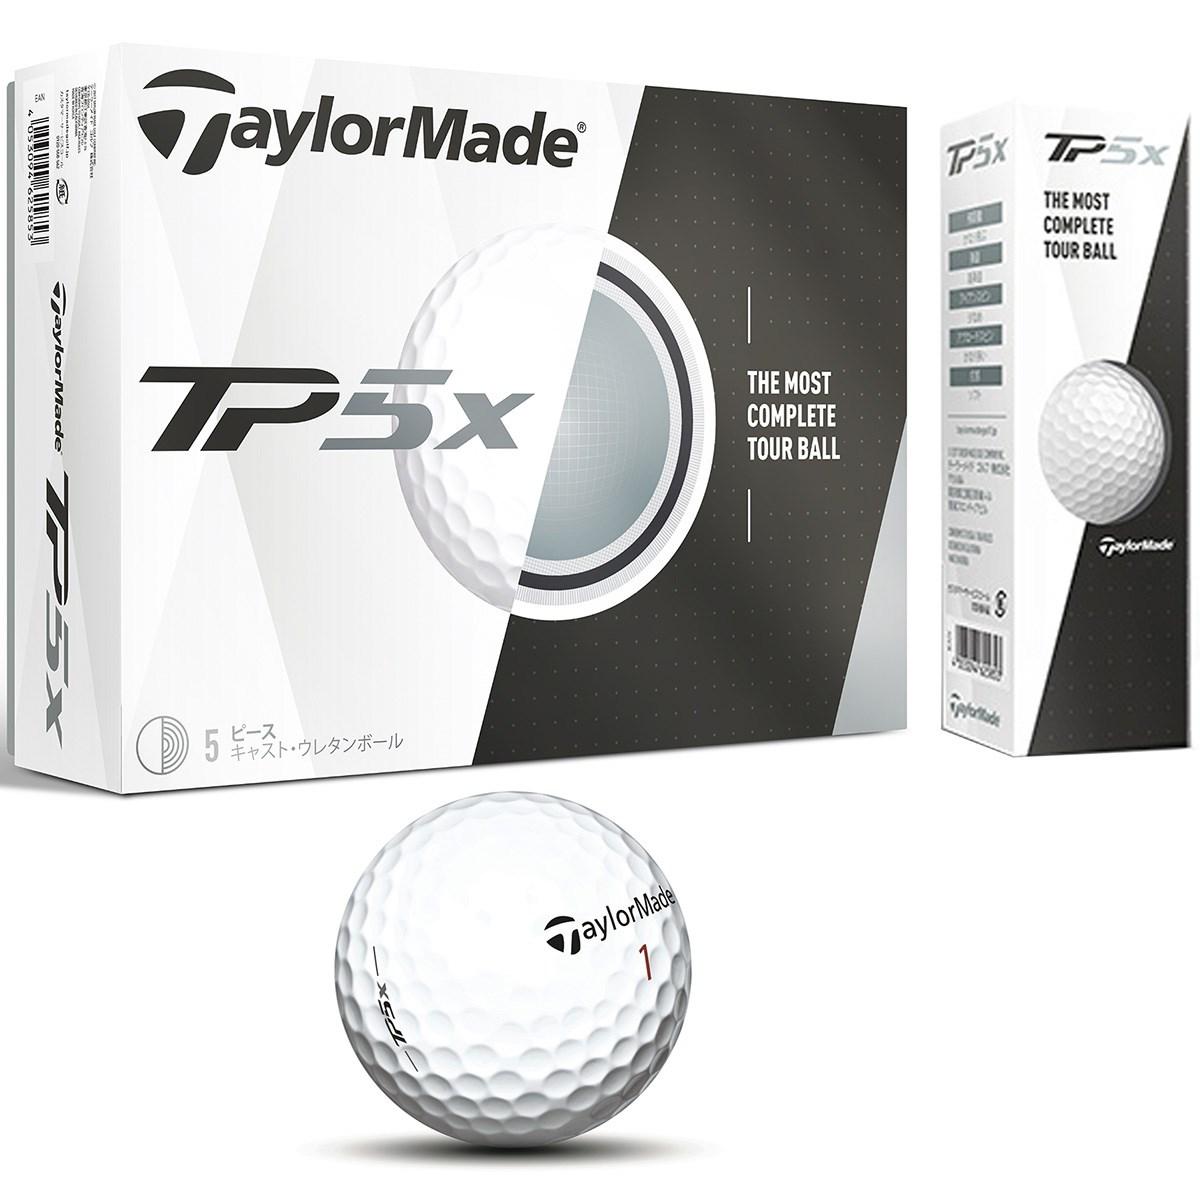 テーラーメイド(Taylor Made) TP5X ボール